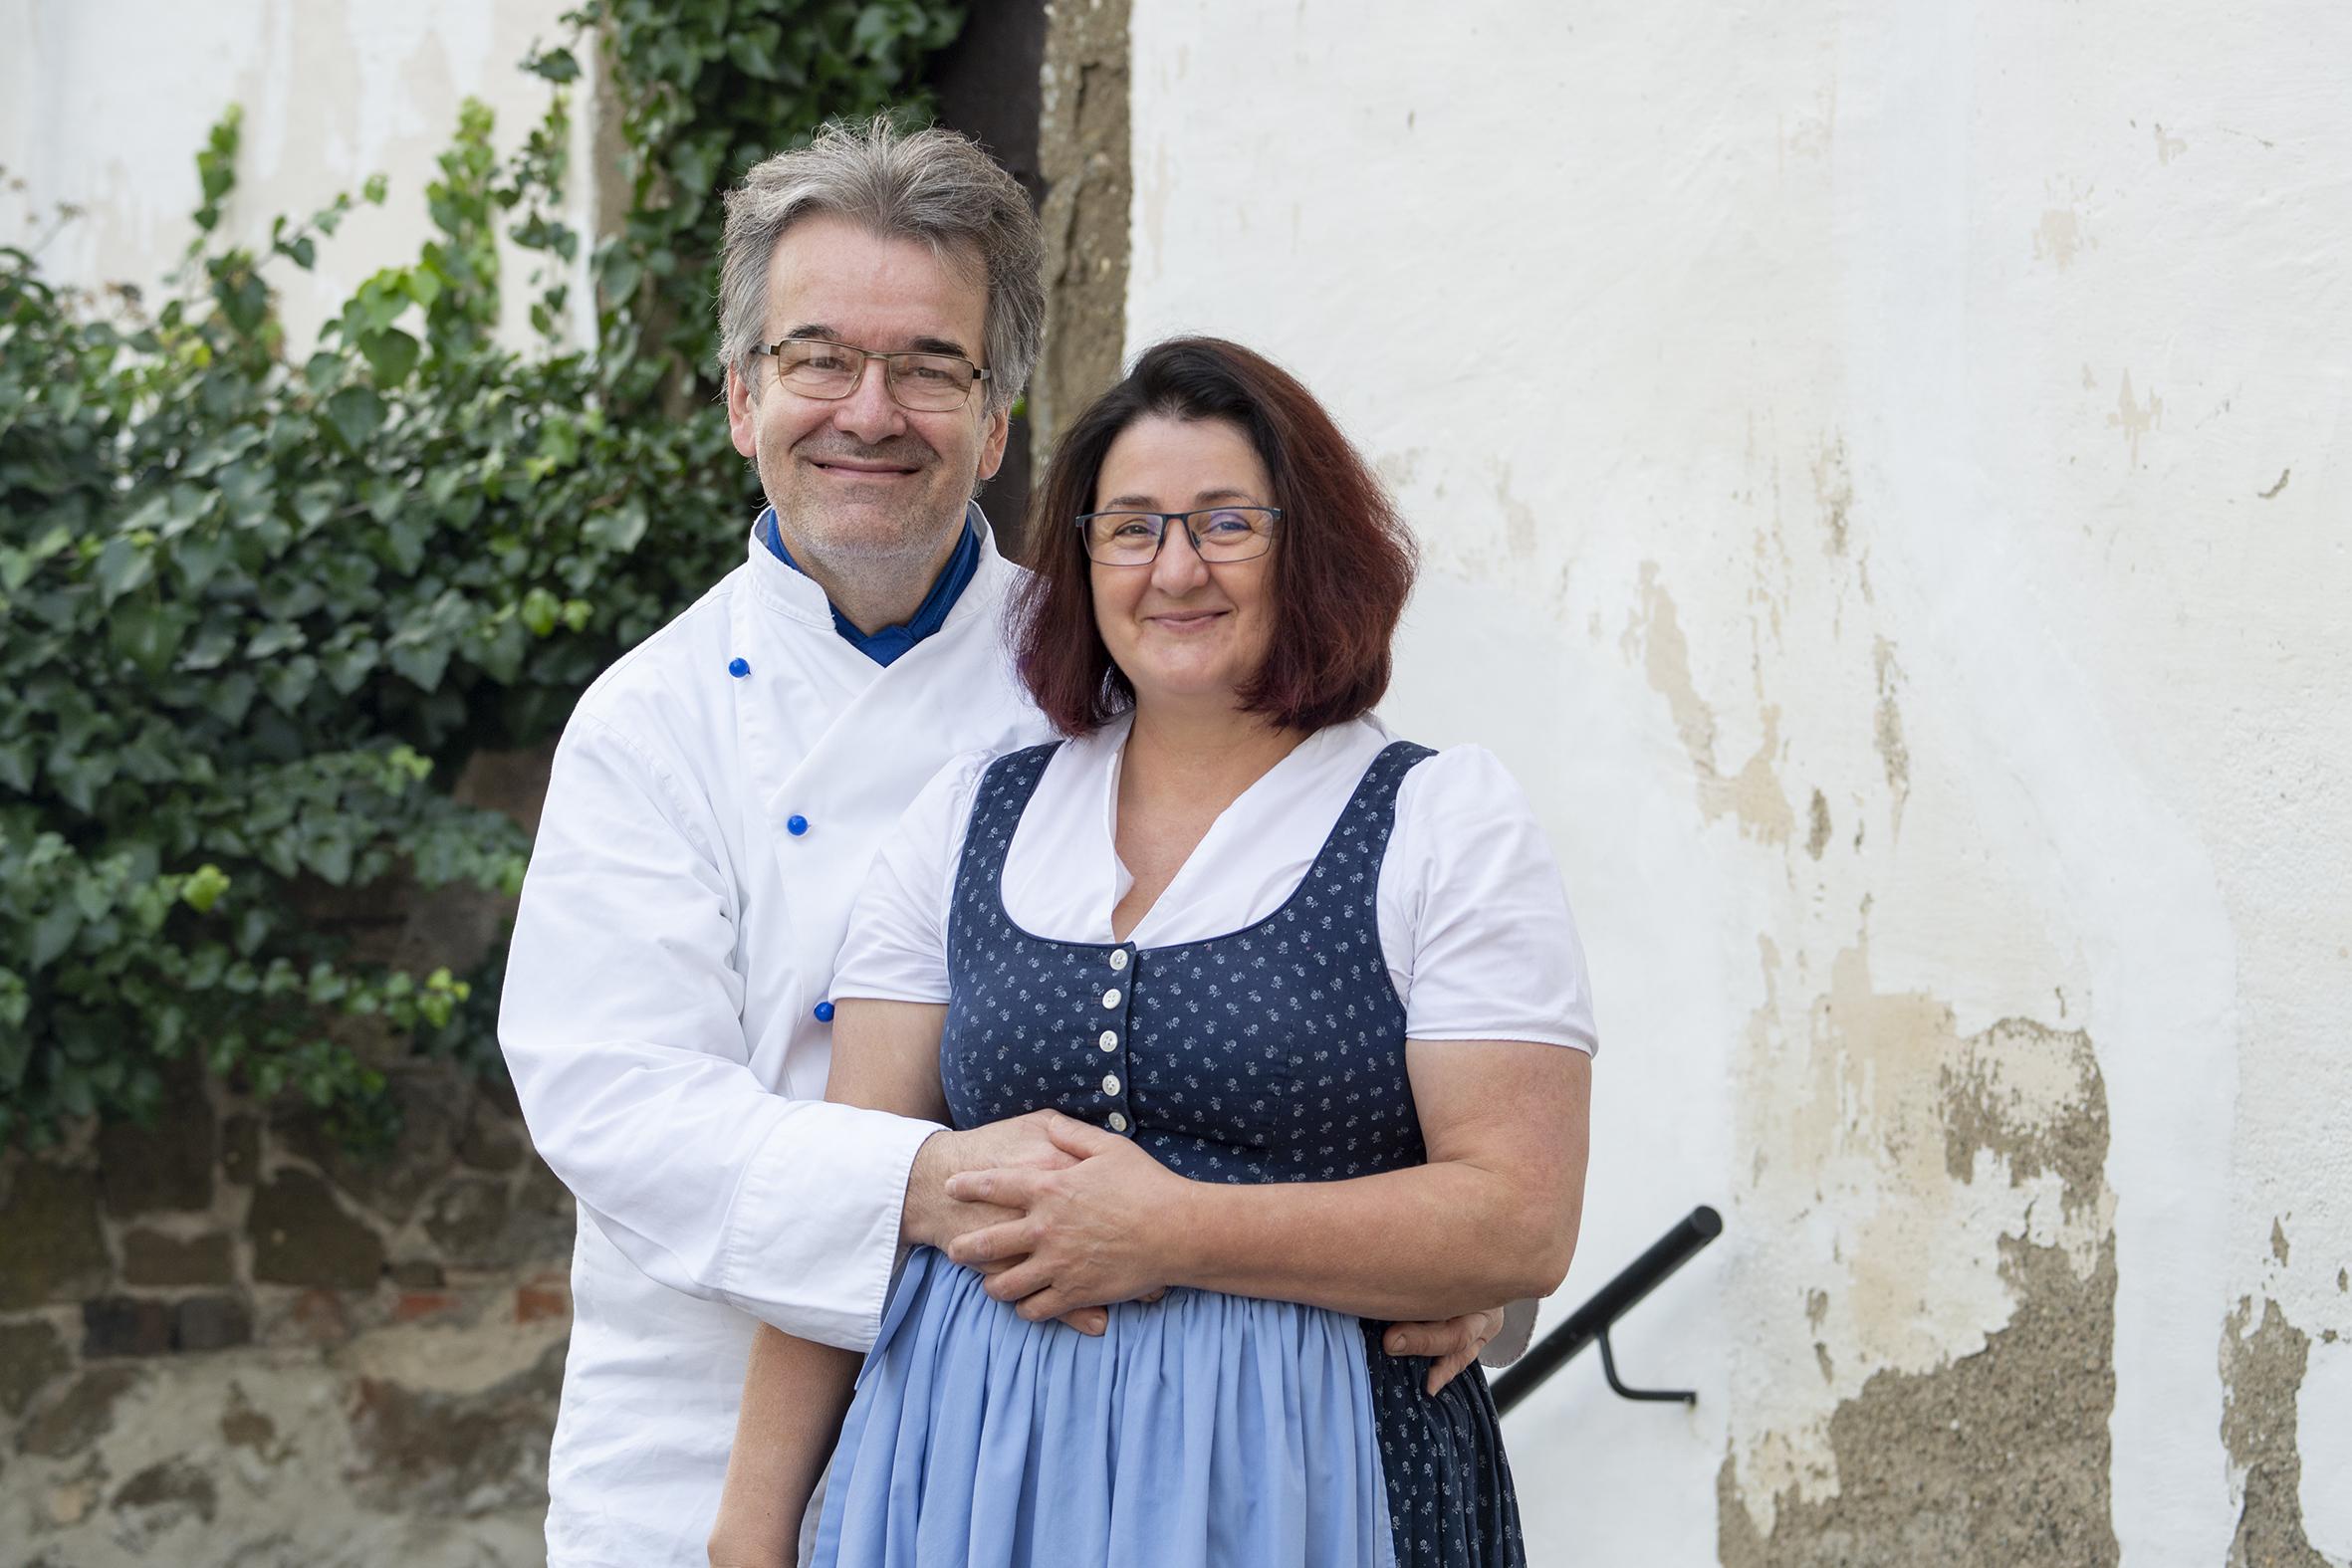 Martin und Elisabeth (Liesi) Winkler-Hermaden